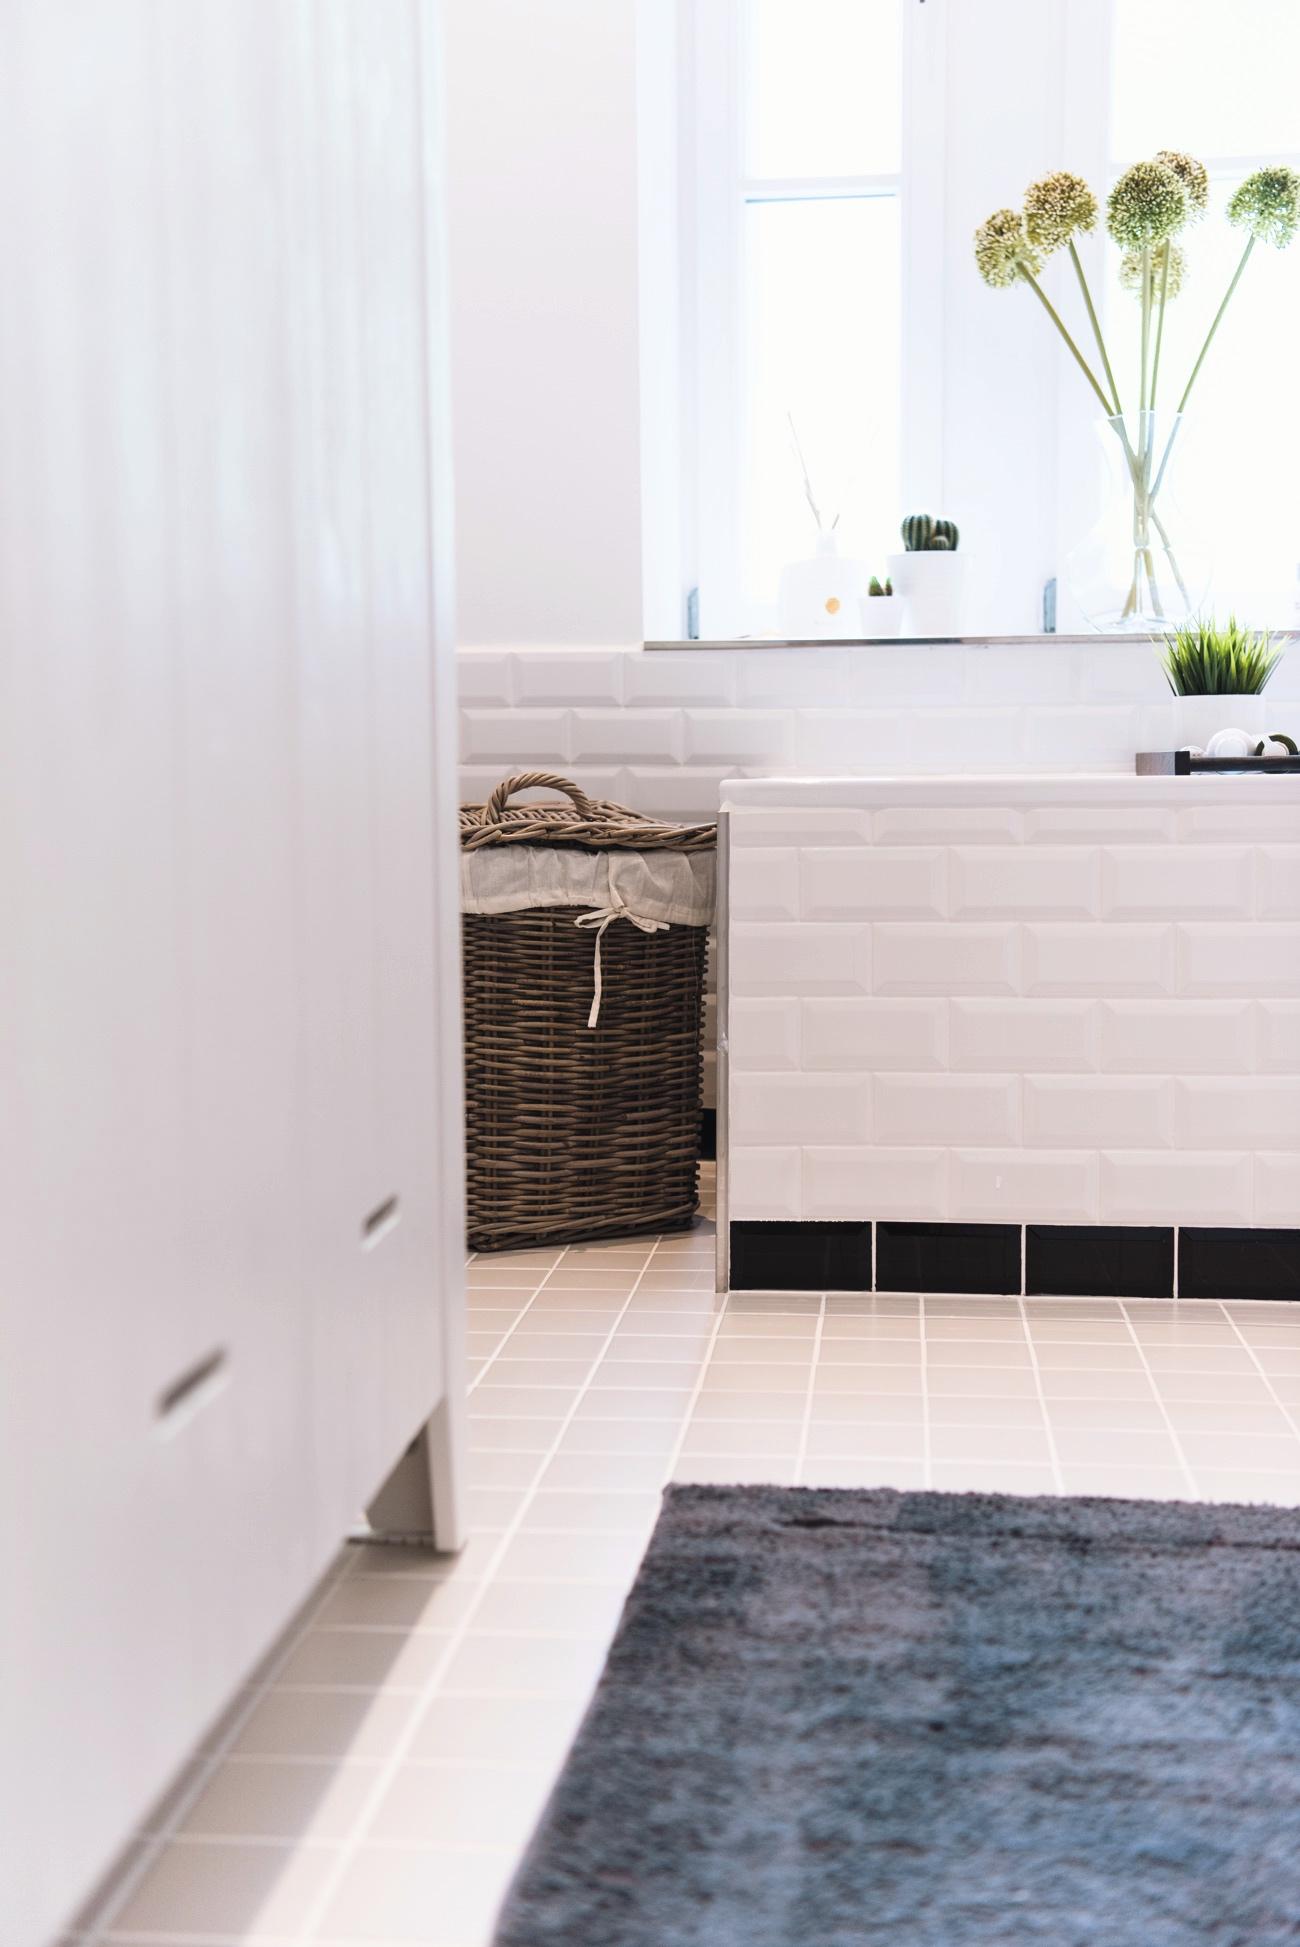 badewannenablage-dunkles-holz-wayfair-online-shop-nina-fashiioncarpet-wohnung